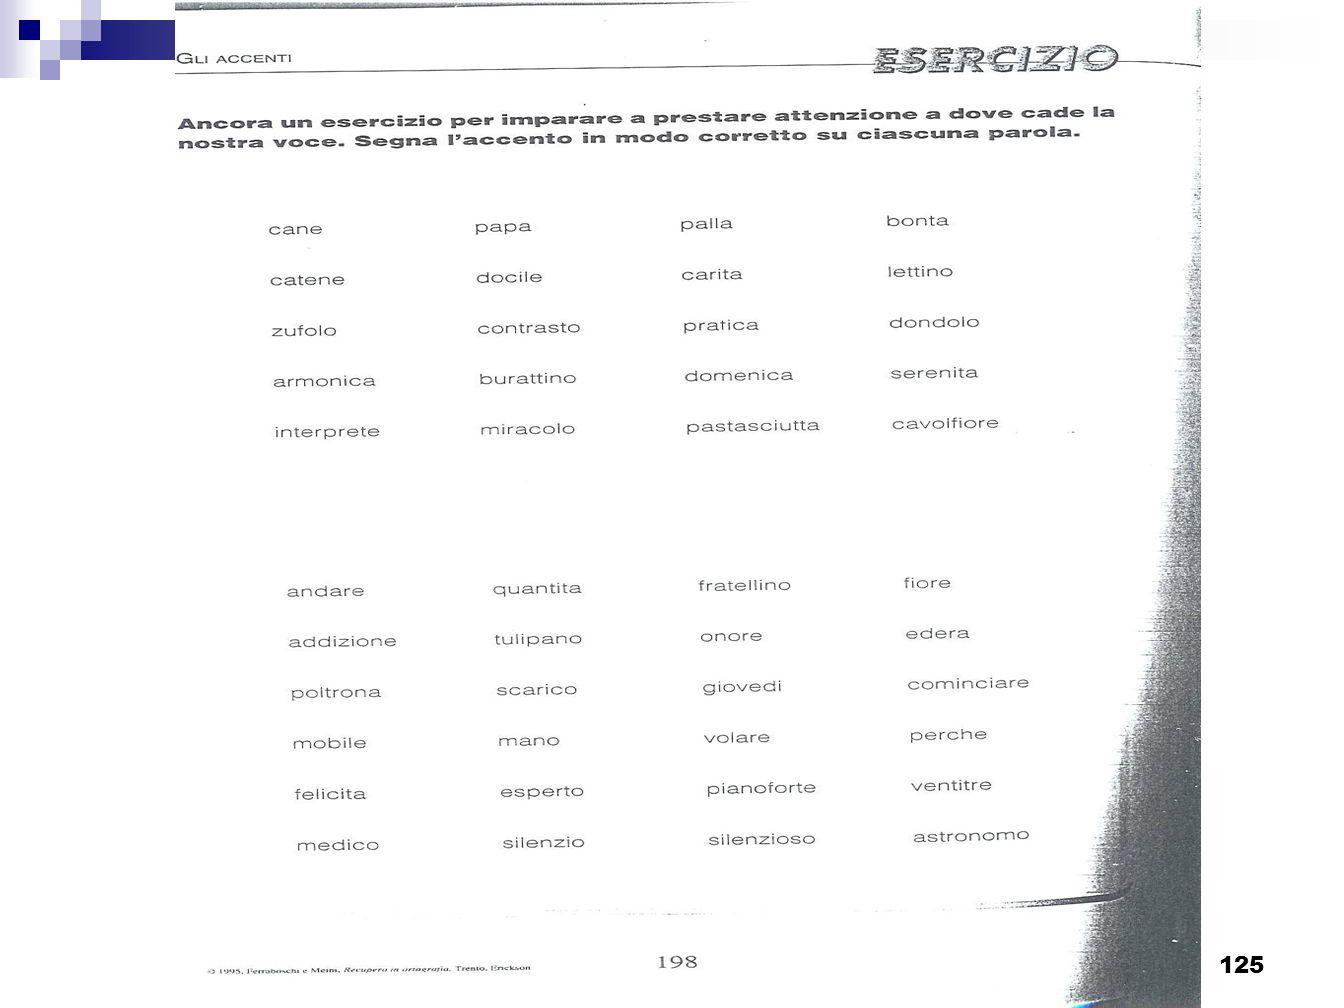 Progetto Screening I elementare - Sassuolo_125